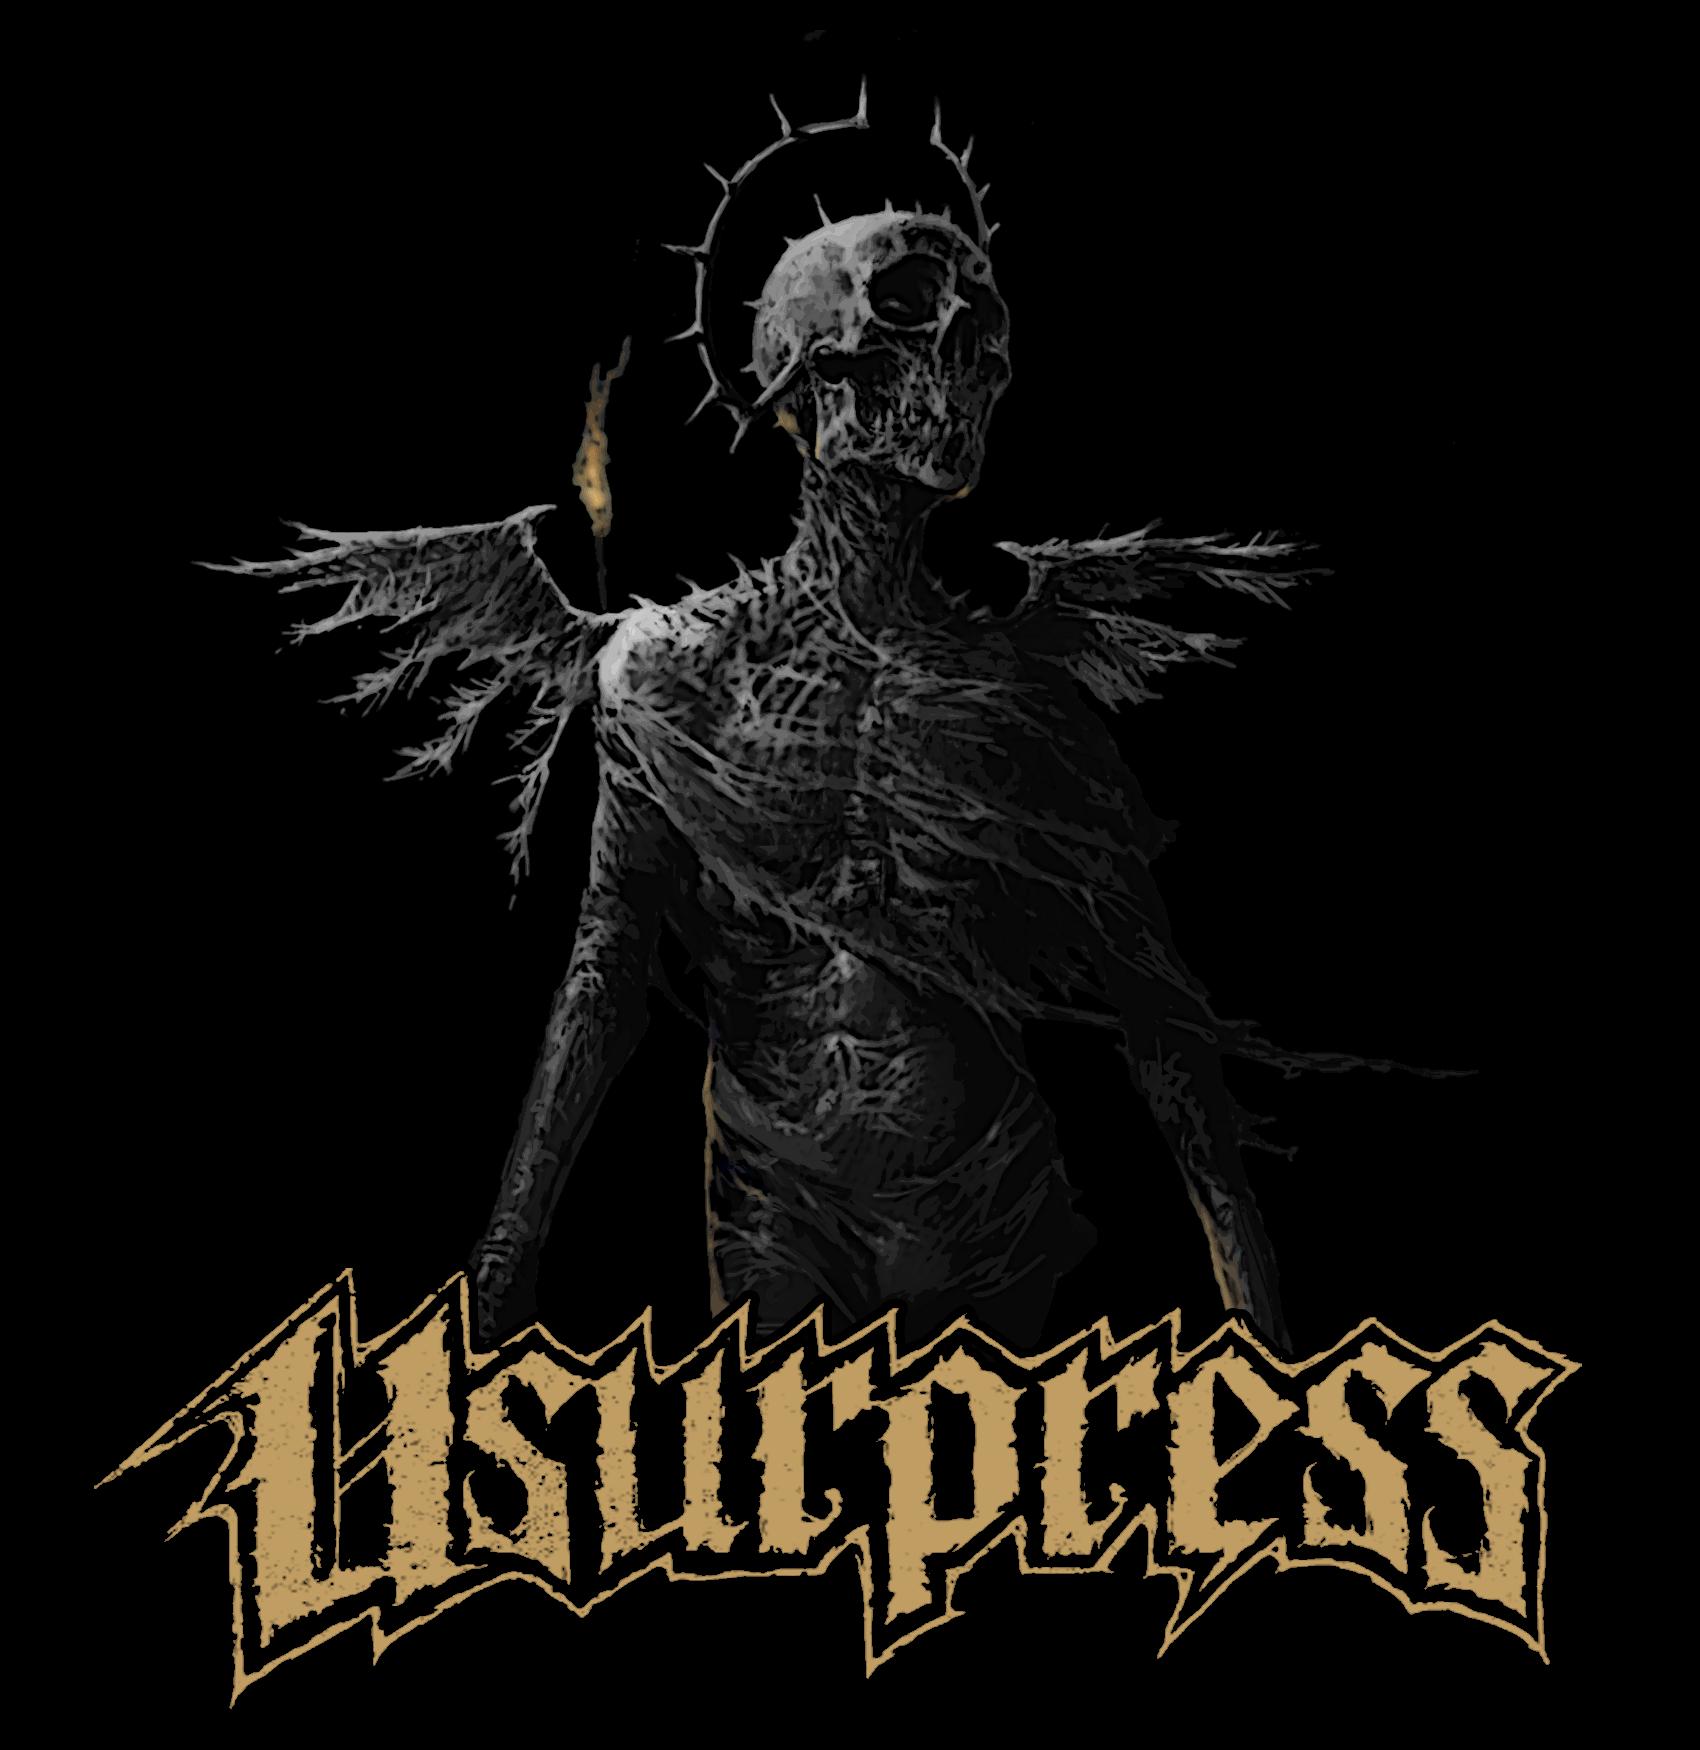 Usurpress - Ordained (T-Shirt)